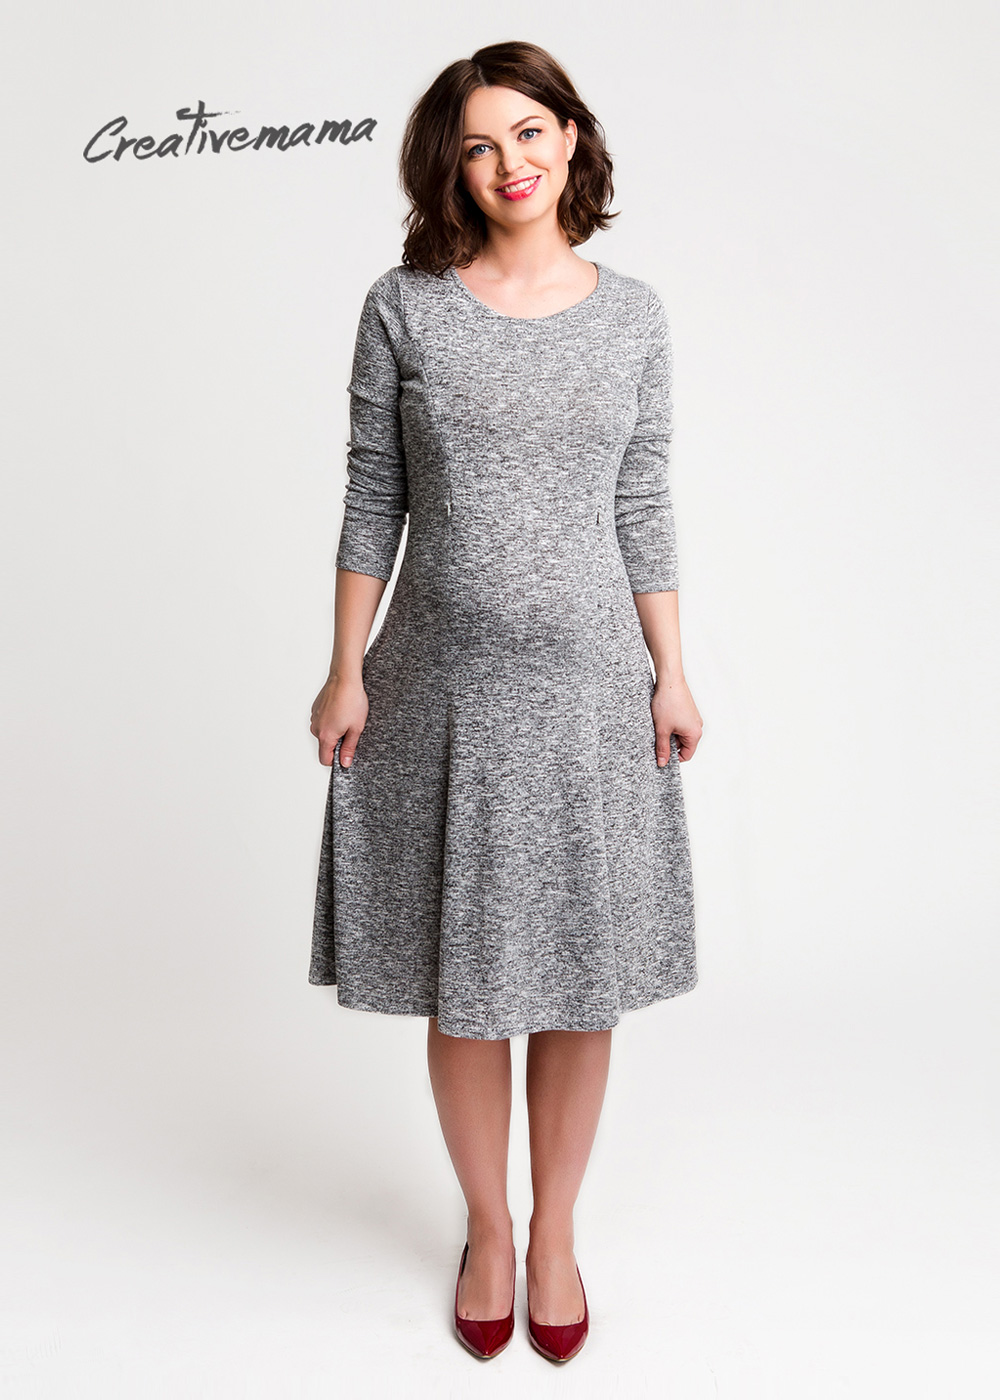 Фото: Платье для женщины в положении Mia